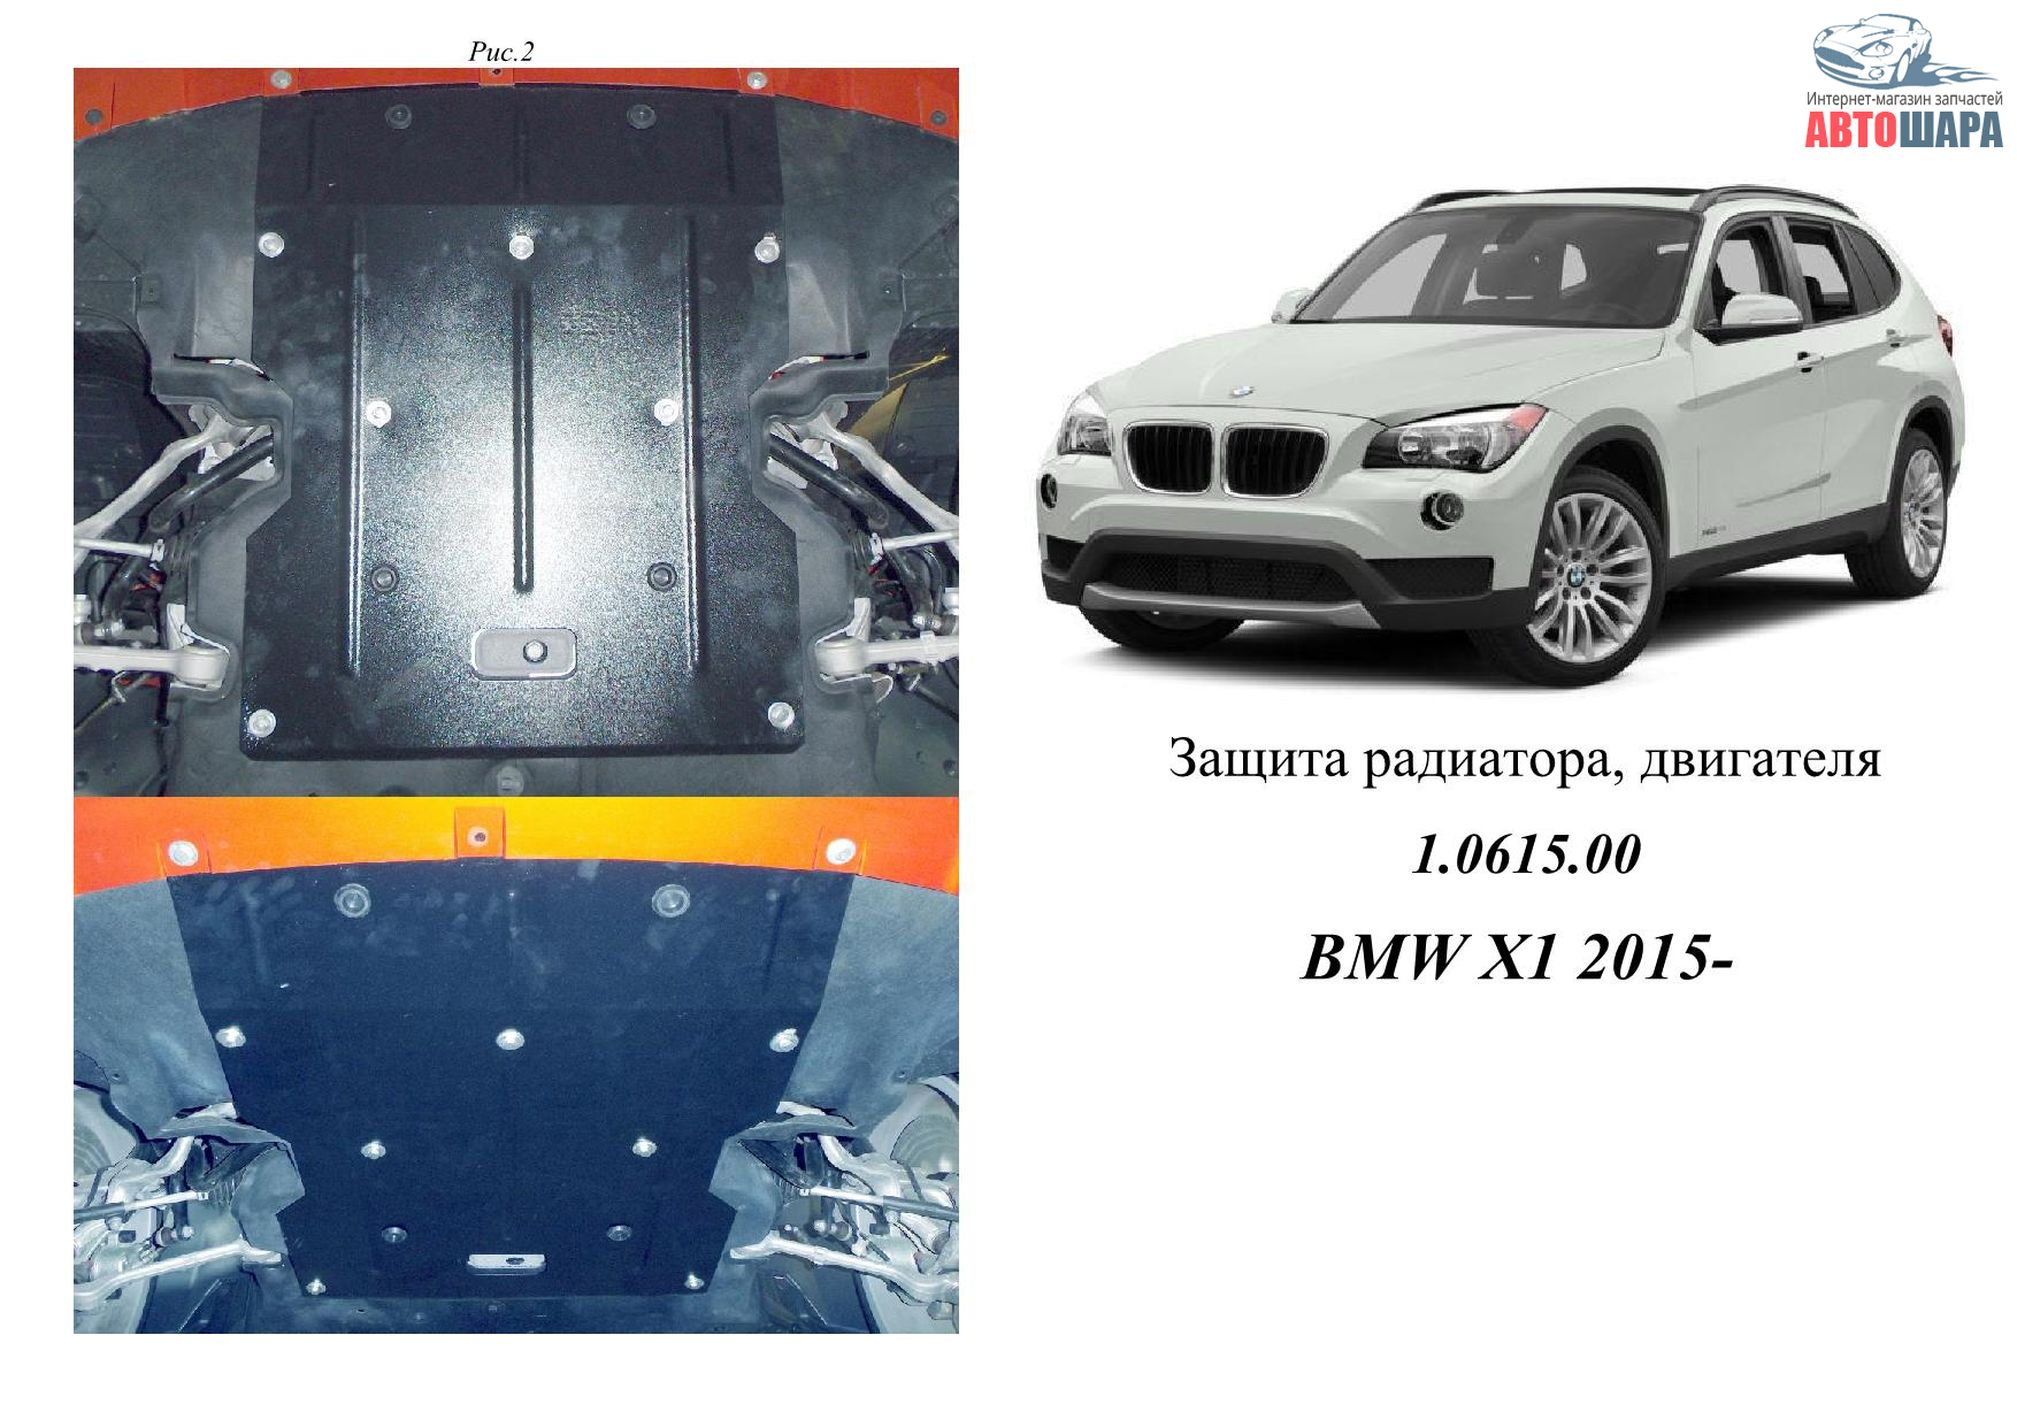 Защита BMW X1 E84 2009 2015 V 2 0D радиатор двигатеРь частично